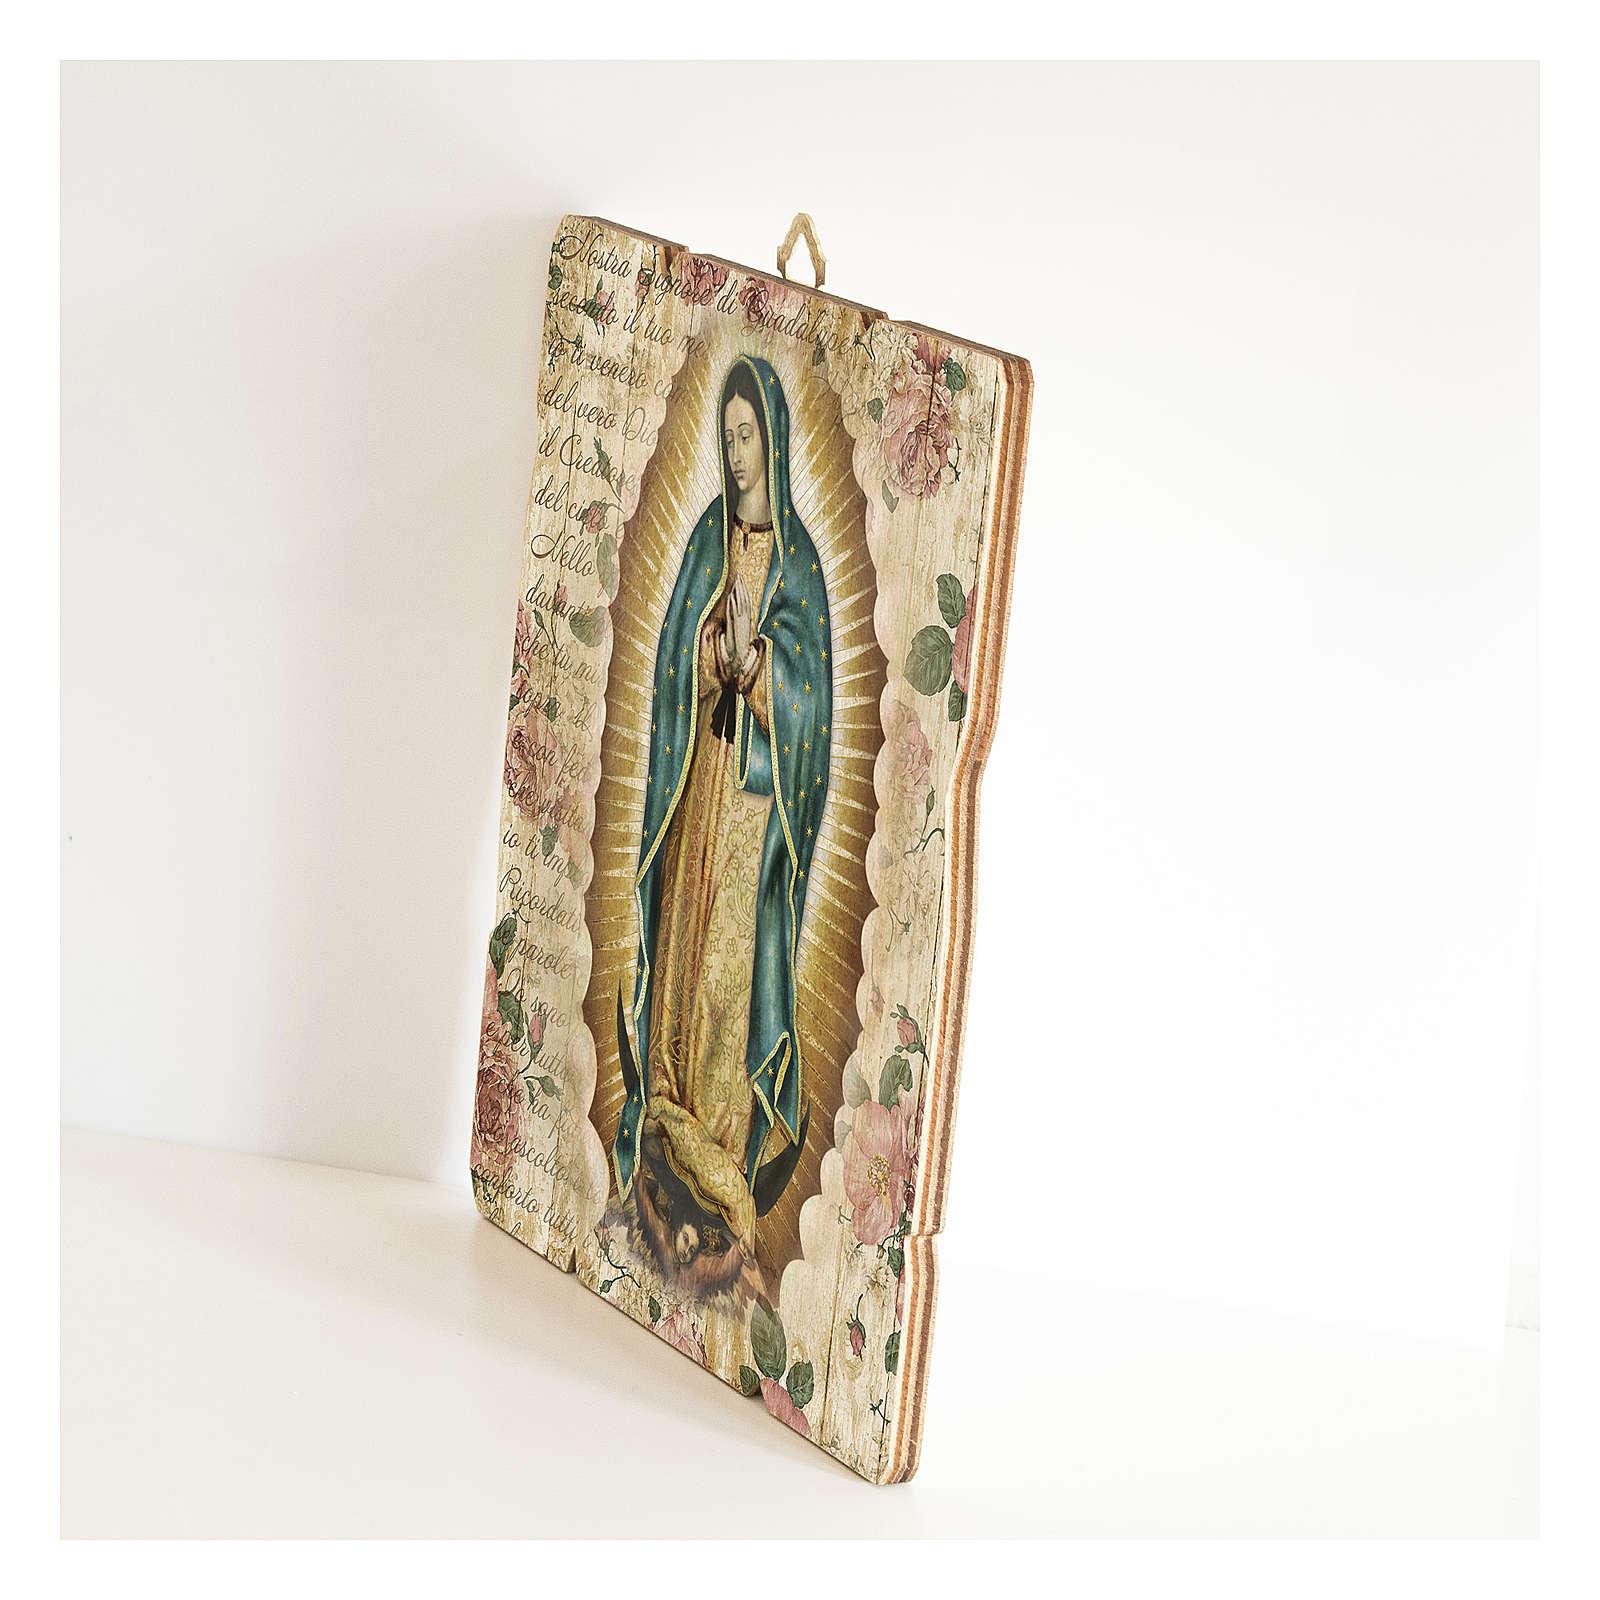 Cuadro madera perfilada gancho parte posterior de la Virgen de Guadalupe 3